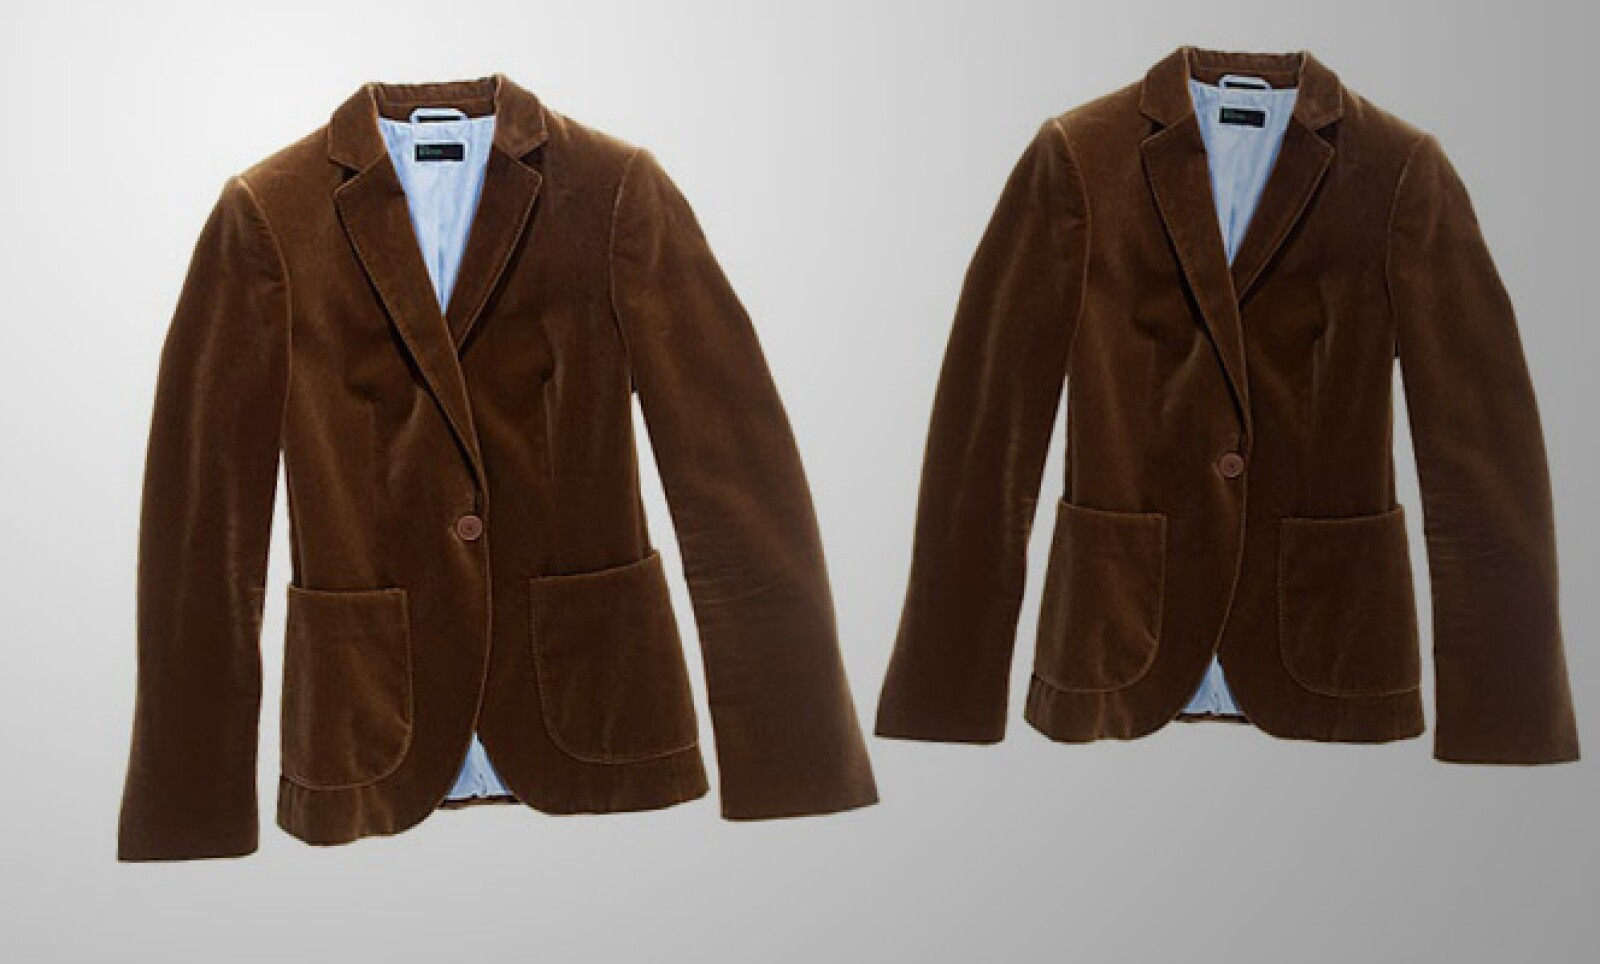 La firma italiana conoce el verano de México. Por eso lanzó esta colección de abrigos para proteger contra la lluvia, viento  y frío. En la imagen un saco en color café y con el interior en tono azul.